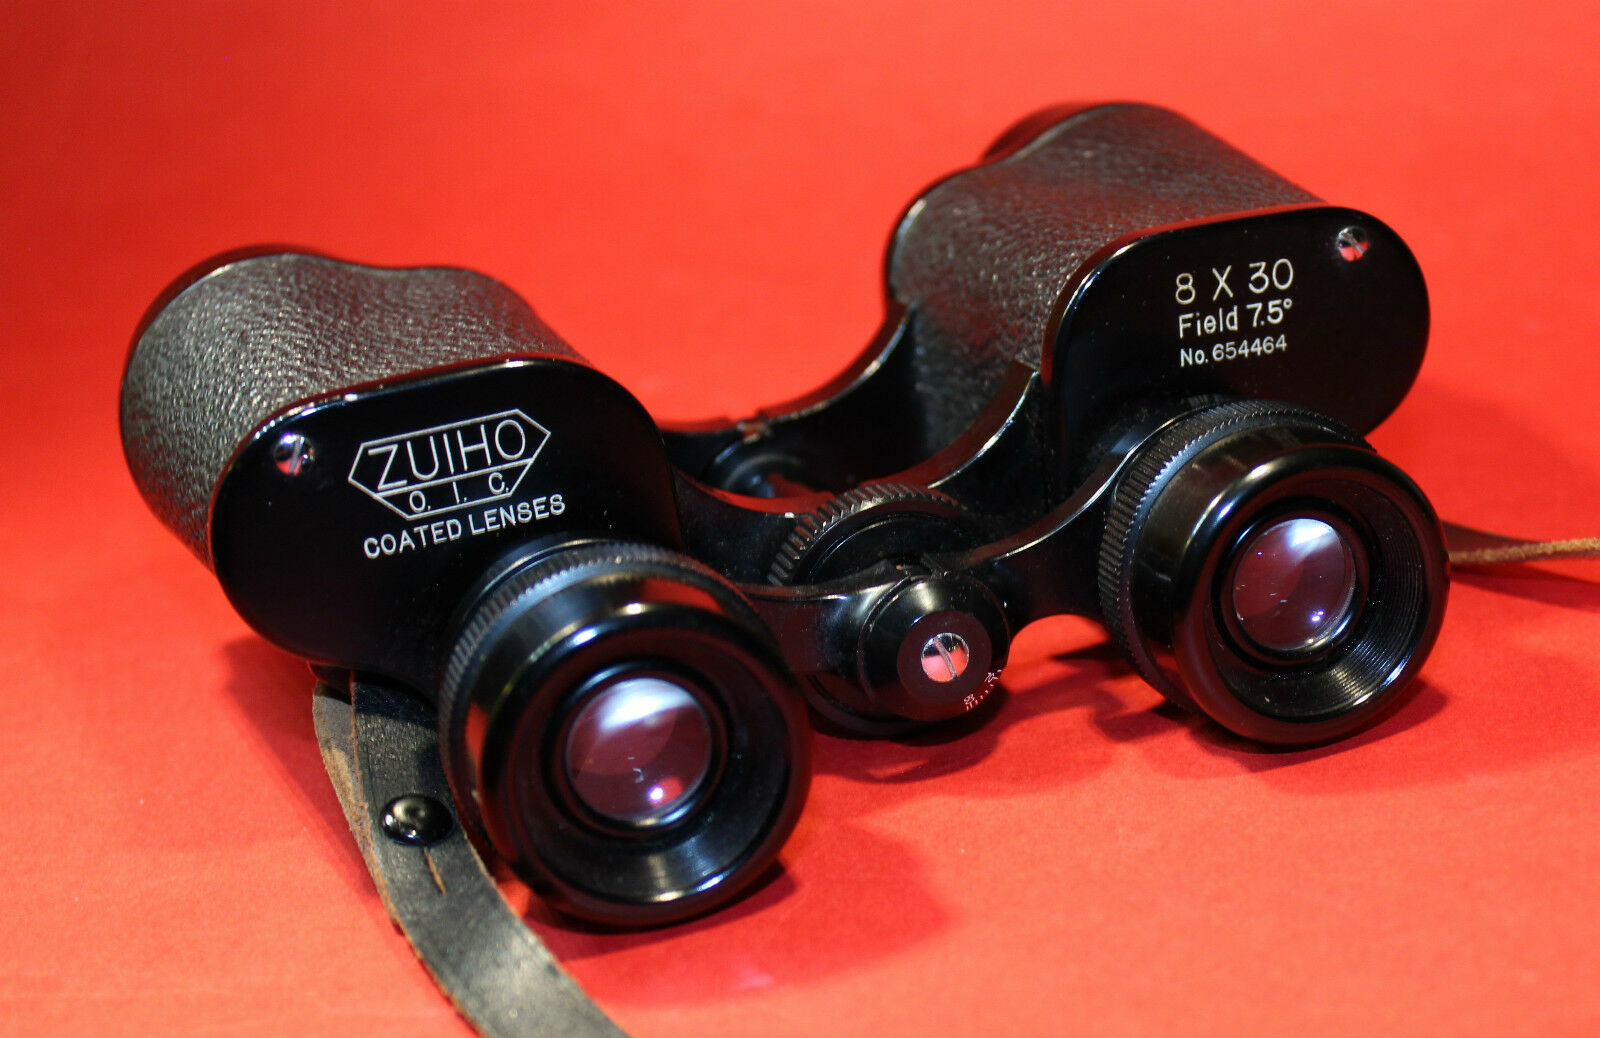 ZUIHO O.I.C. Coated Lenses FERNGLAS 8 x 30 Field 7 7 7 5° No. 654464 Japan Vintage 0d4cfc